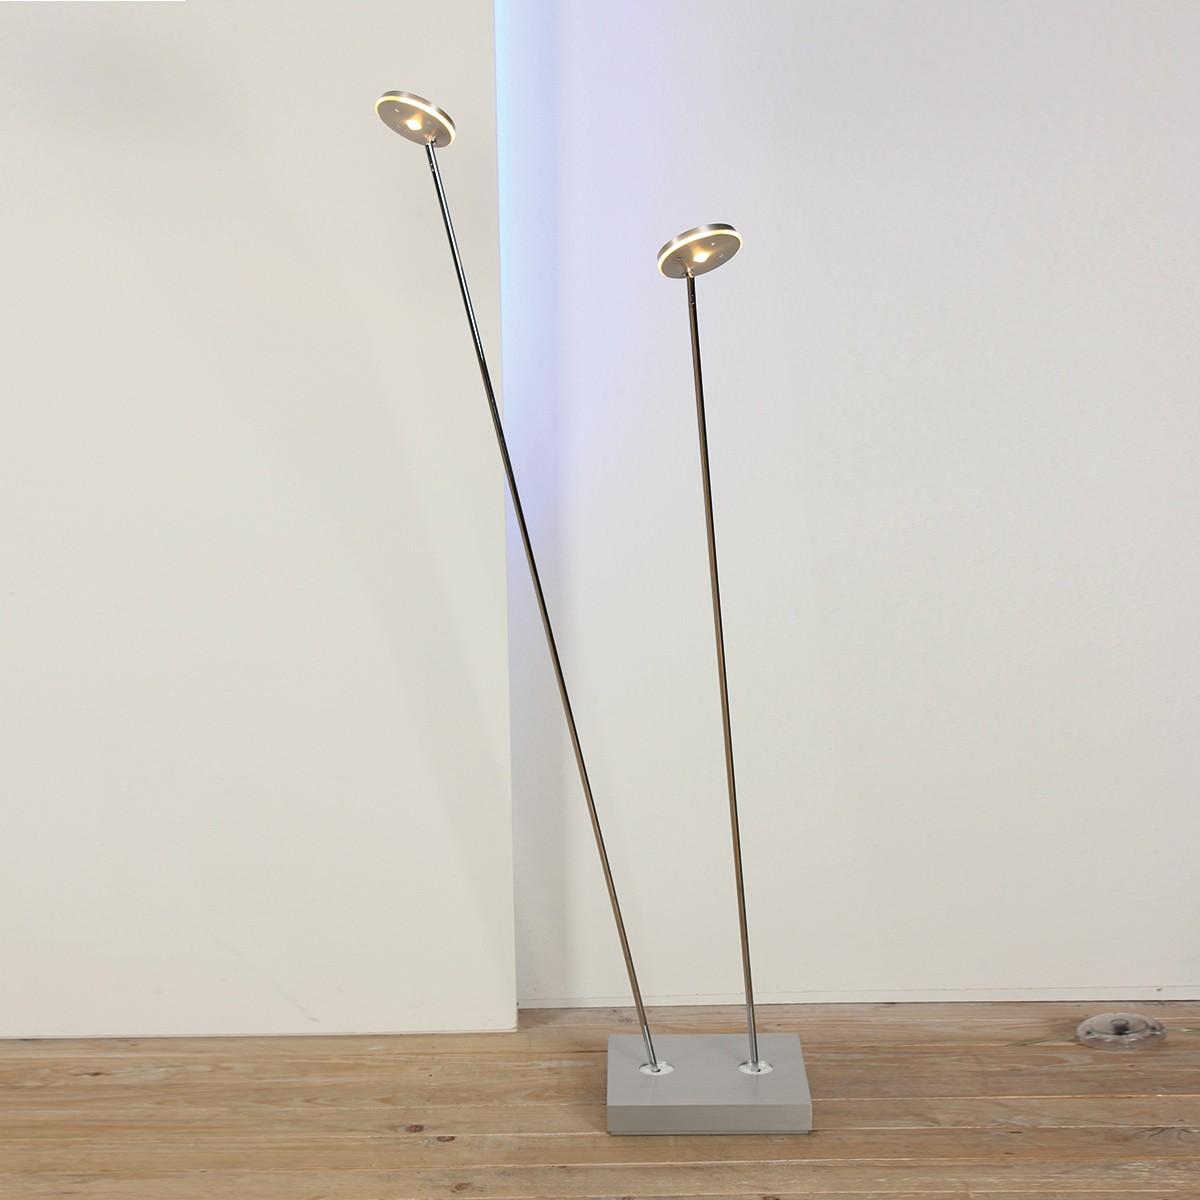 Escale Spot It LED Stehleuchte, 2-flg., Alu geschliffen / hochglanzchrom